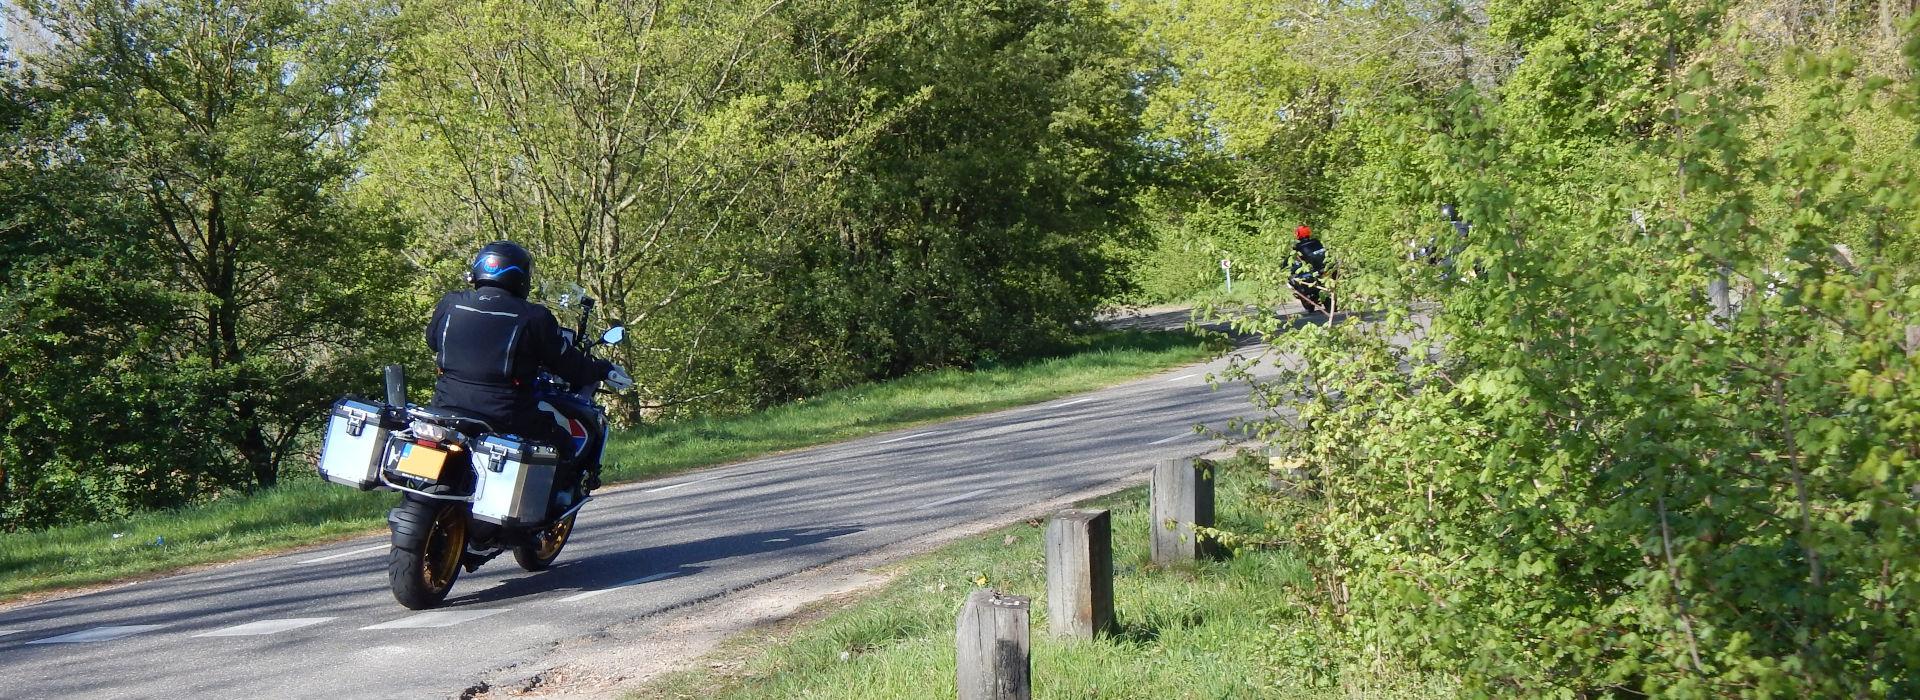 Motorrijschool Motorrijbewijspoint Alphen aan den Rijn motorrijlessen